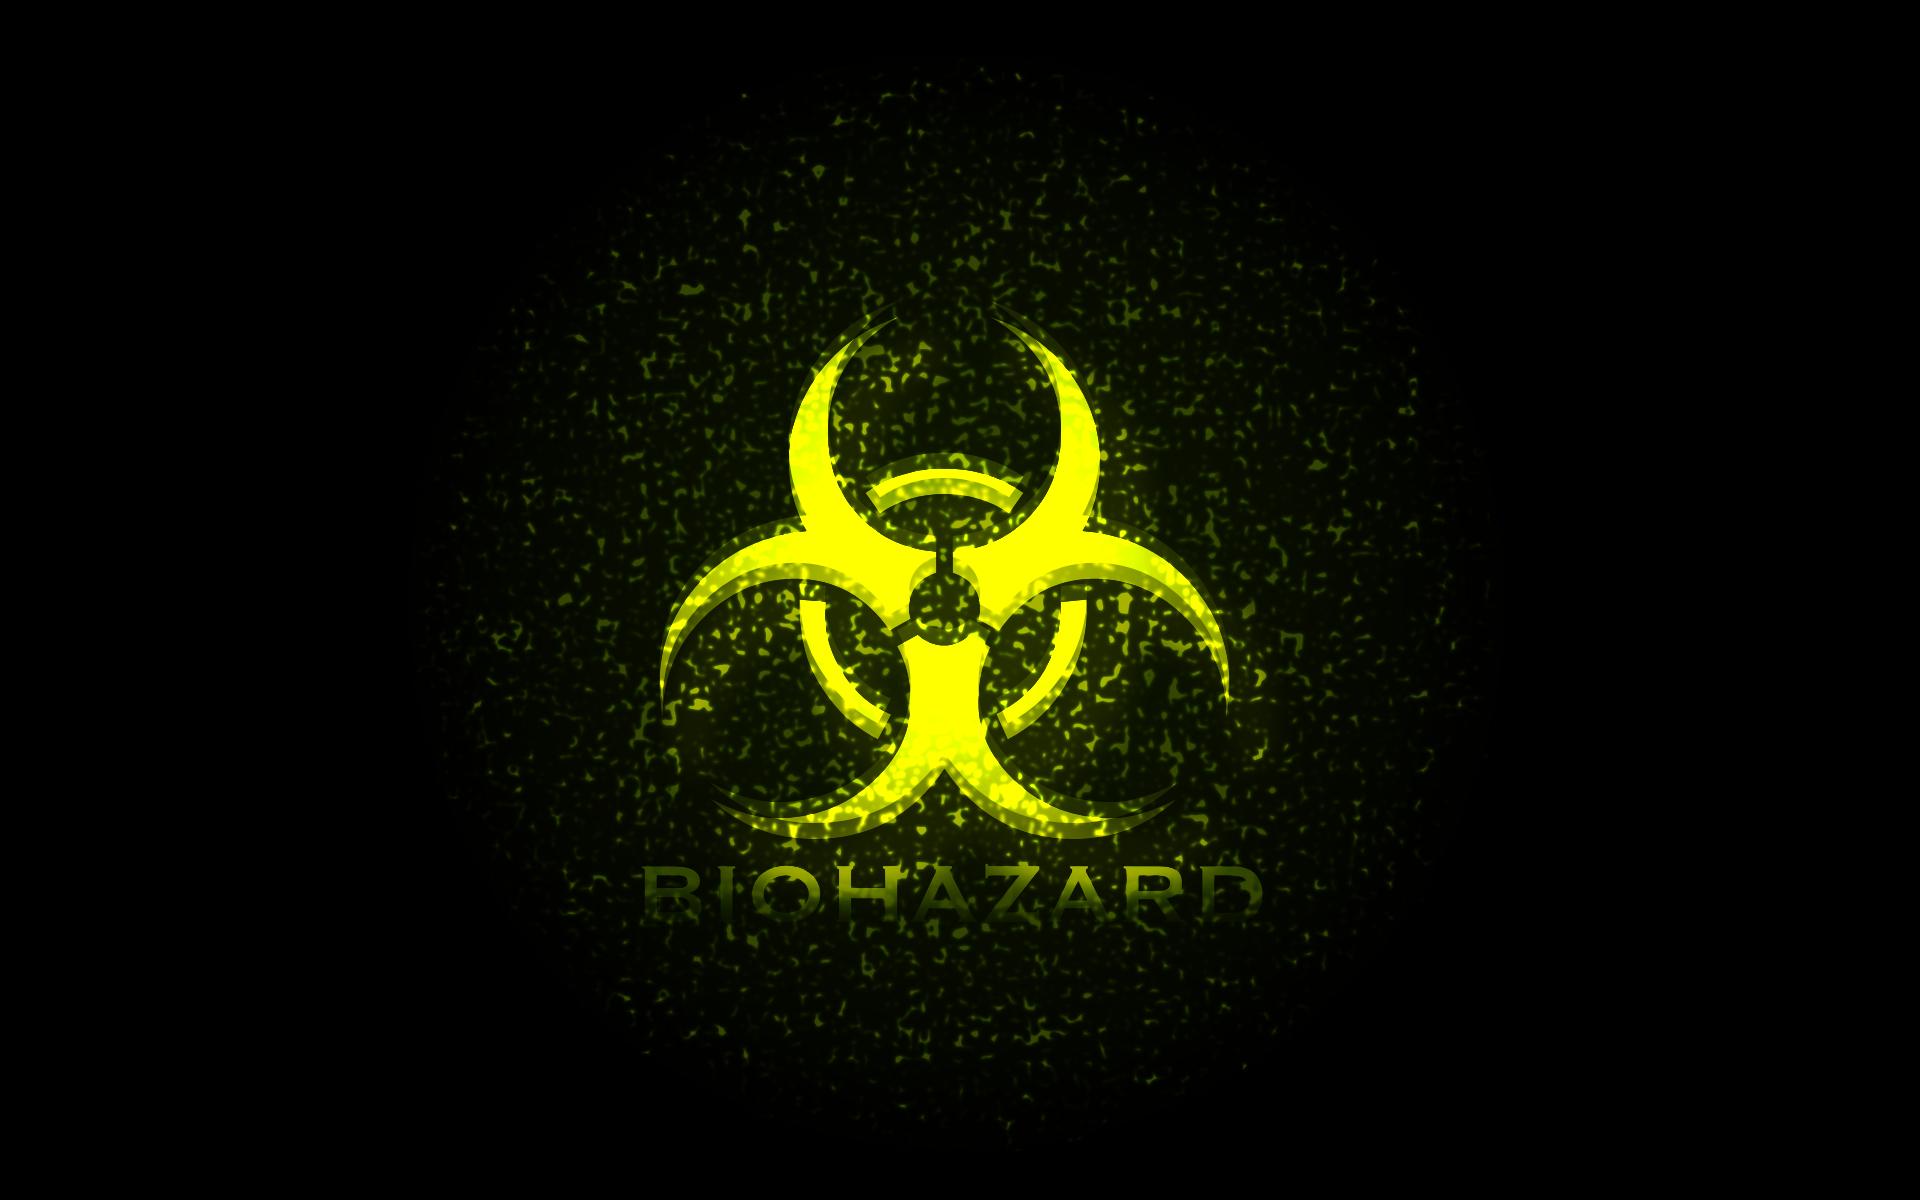 Biohazard Wallpapers Biohazard Myspace Backgrounds Biohazard 1920x1200